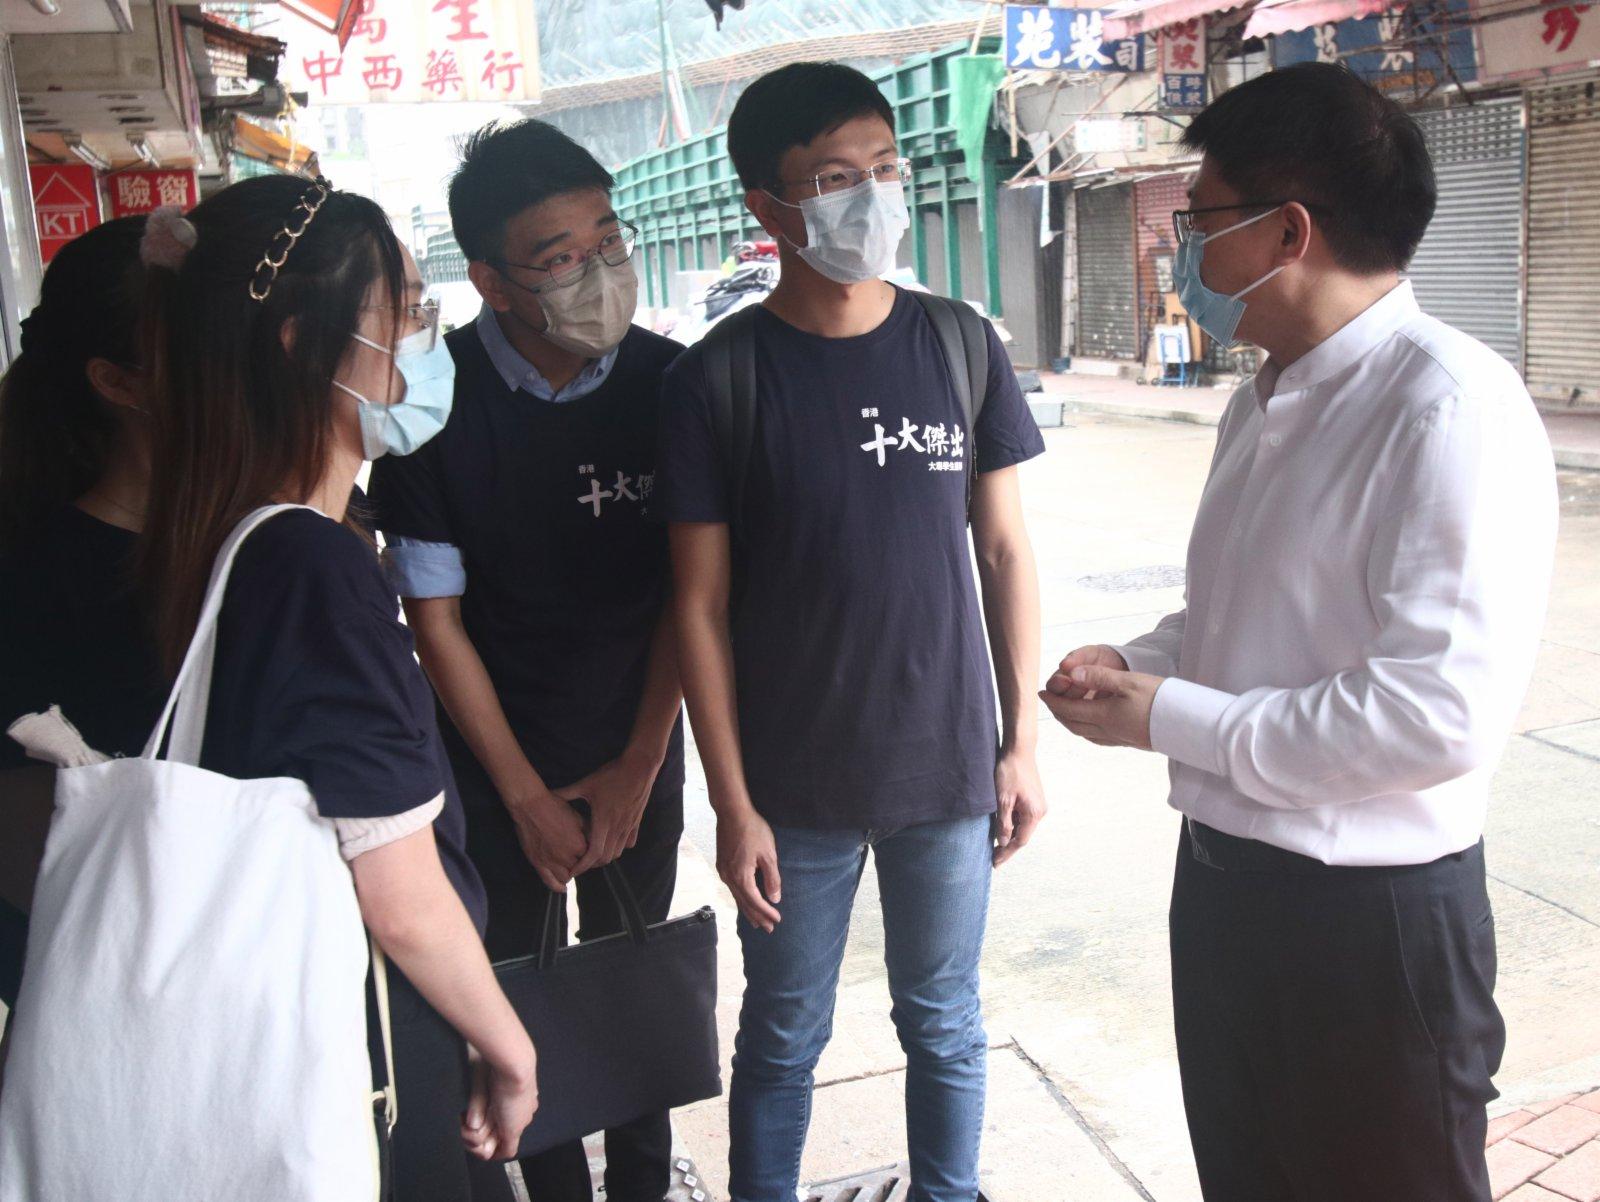 為了解基層家庭的生活,十名獲選為「傑出大專學生」的大專生及應屆畢業生10日分批探訪土瓜灣劏房戶及紅磡邨的低收入家庭,了解他們在生活上遇到的困難與挑戰。(香港文匯報記者 攝)